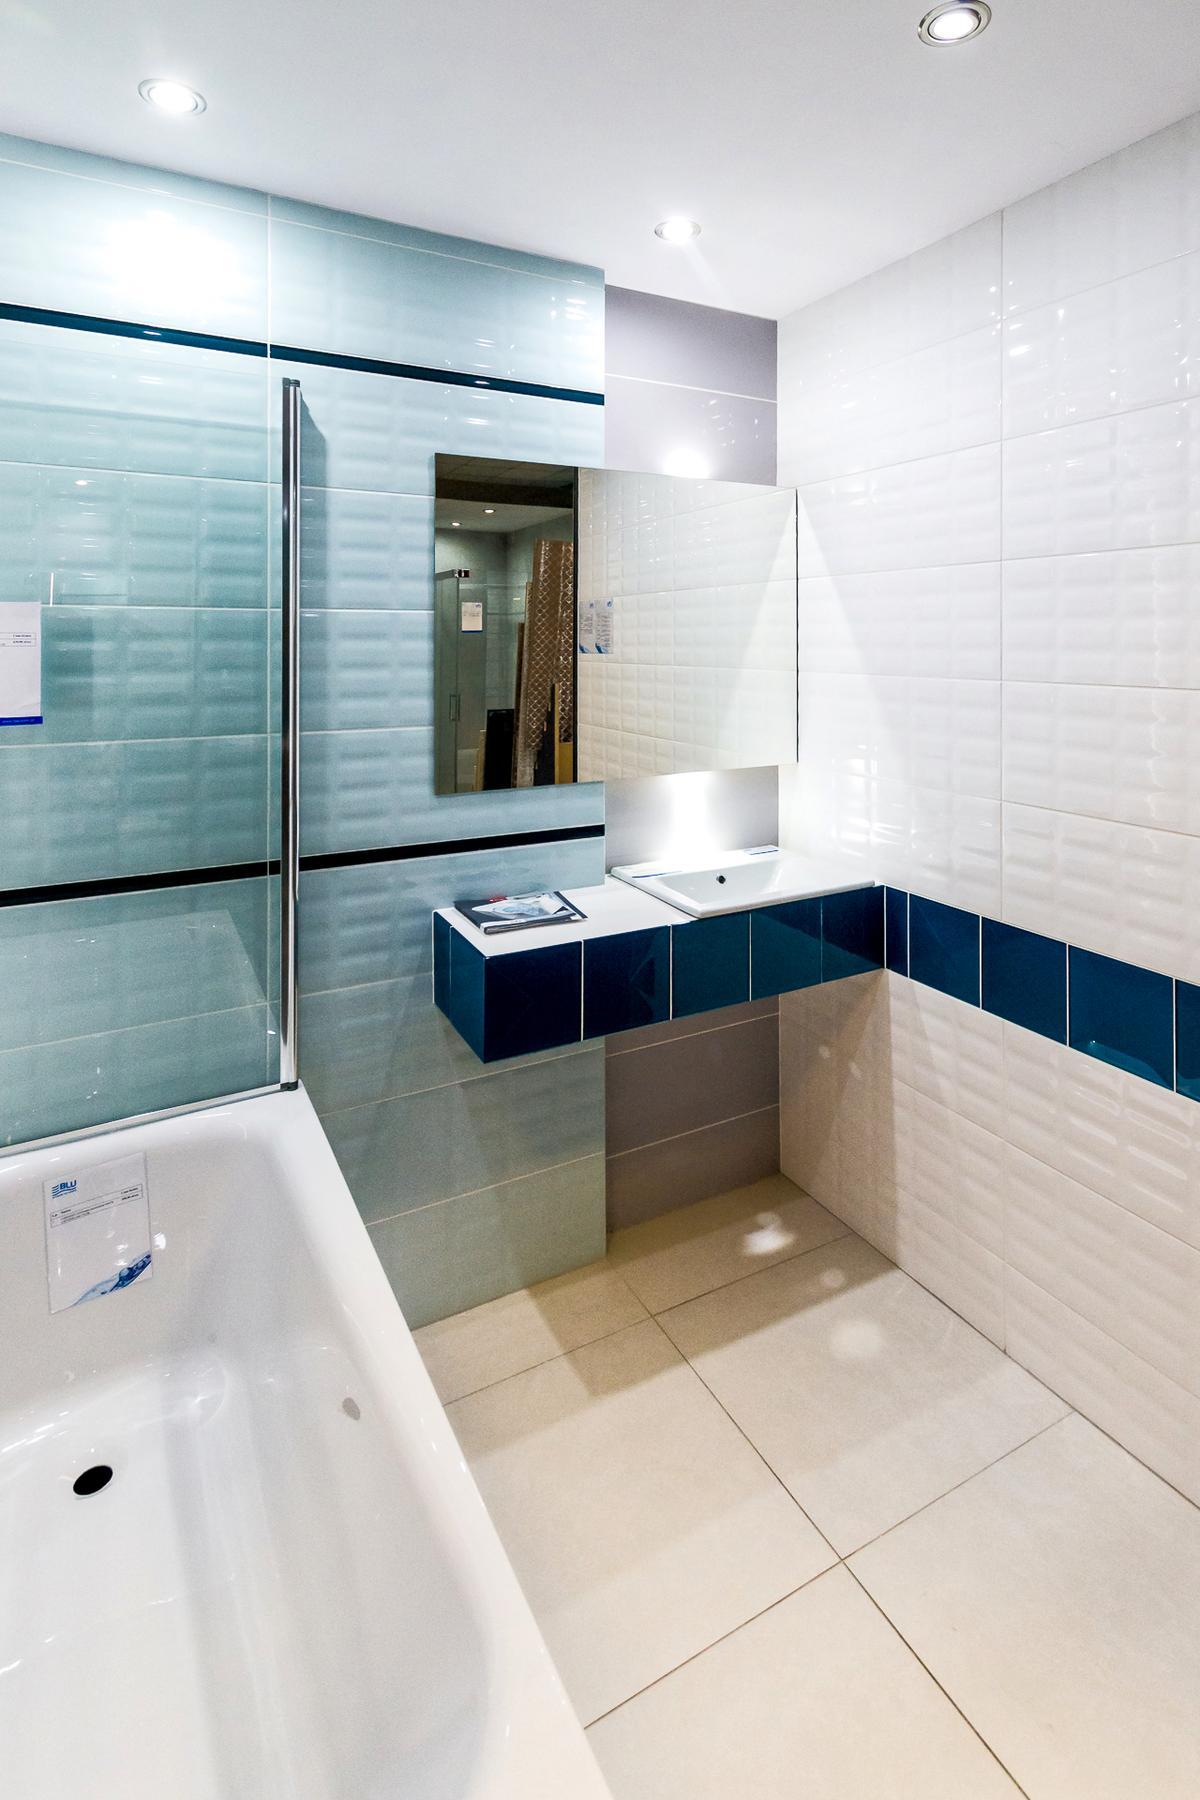 Miętowa łazienka z paryskim akcentem - Opoczno Parisen - zdjęcie od BLU salon łazienek Łódź